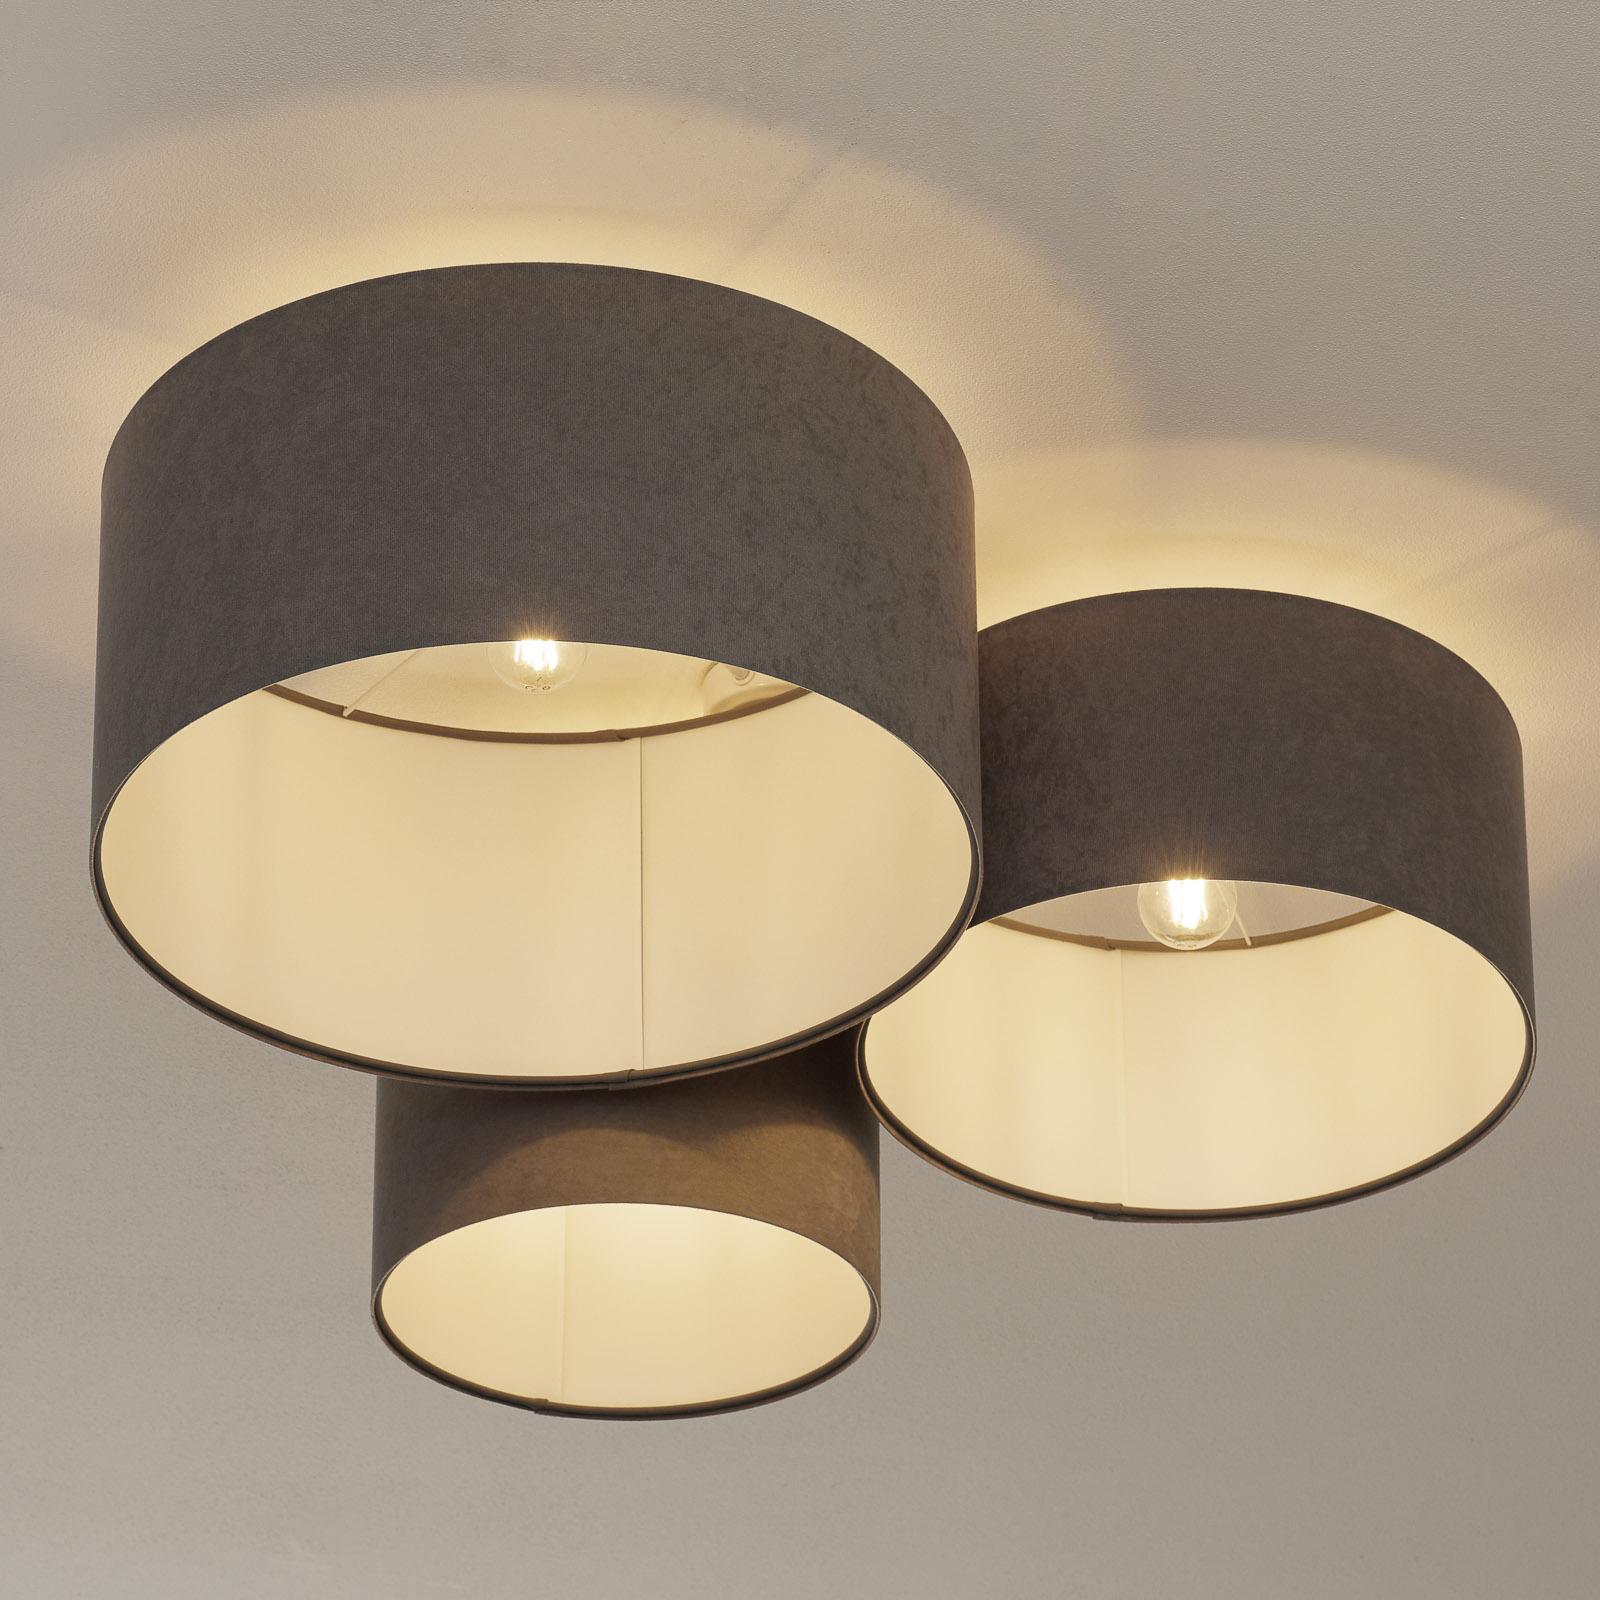 Taklampe 080, 3 lyskilder, lysegrå-hvit